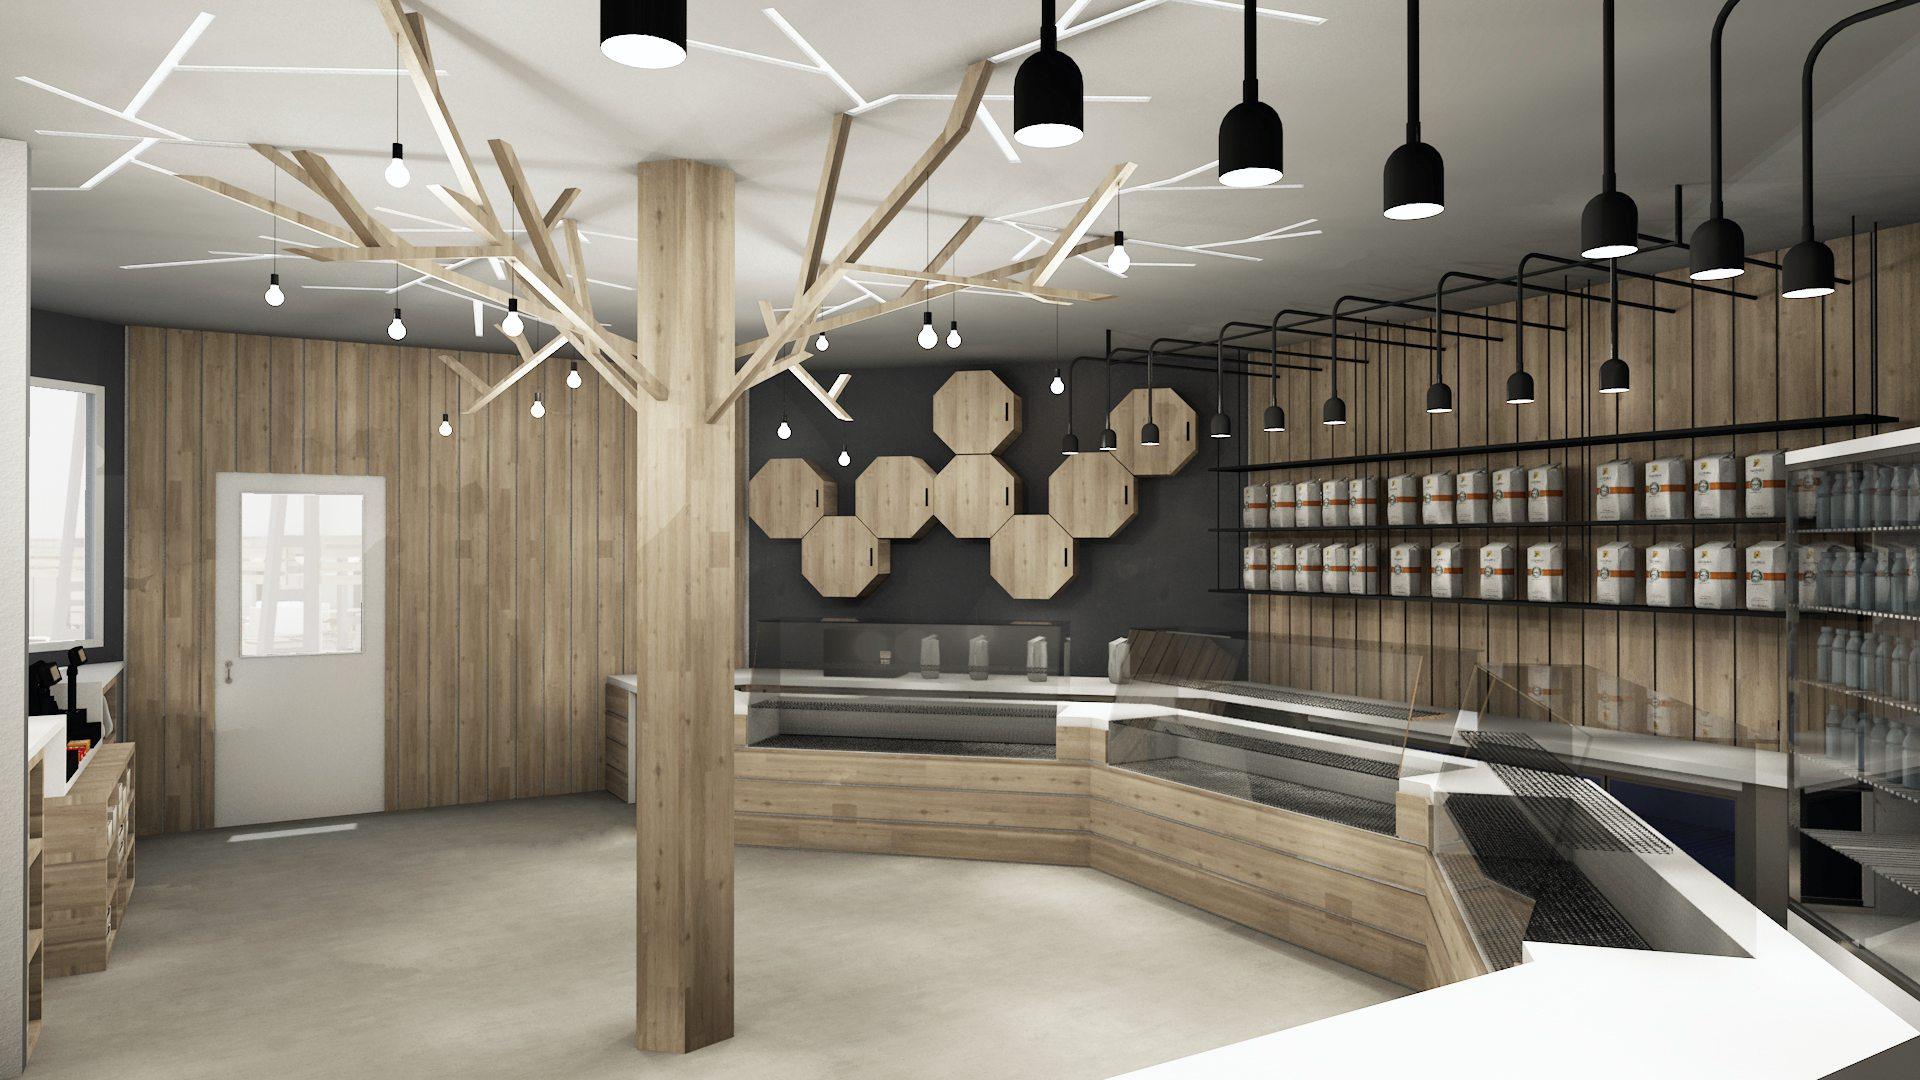 archicostudio_hospital-cafe_shop-3